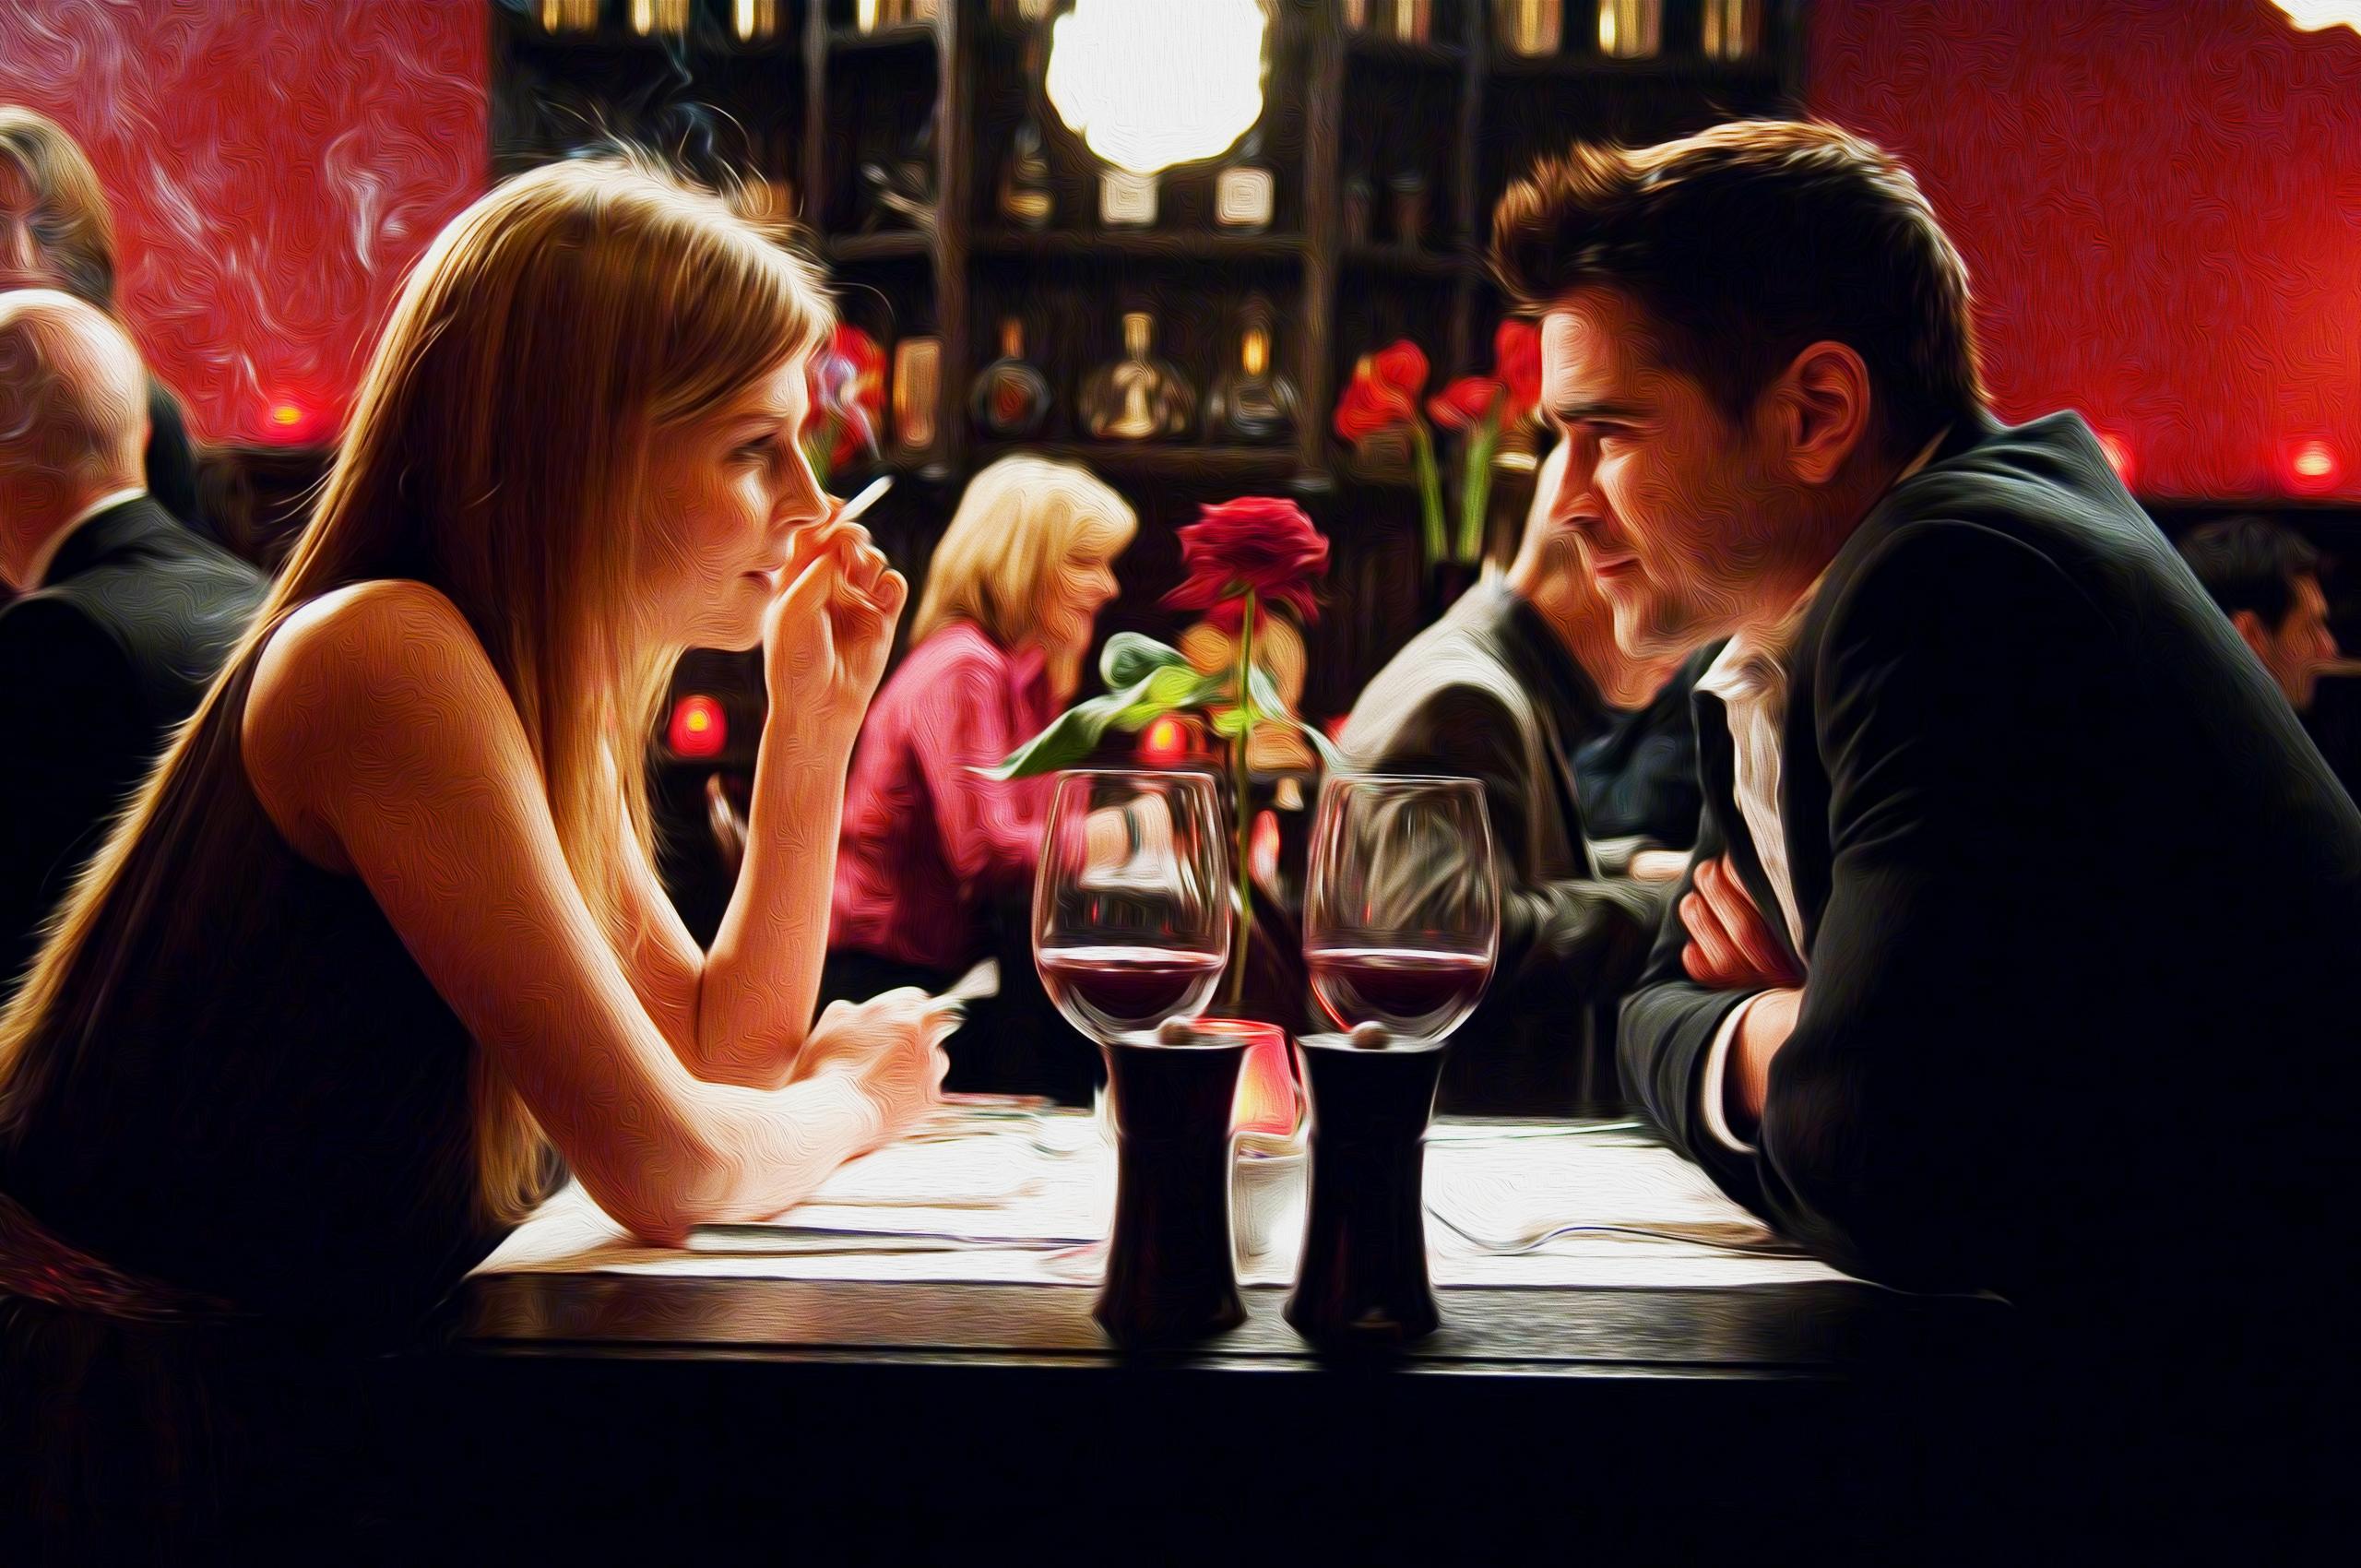 Dating A Guy or Girl in Atlanta vs New York City... #Letsdiscuss